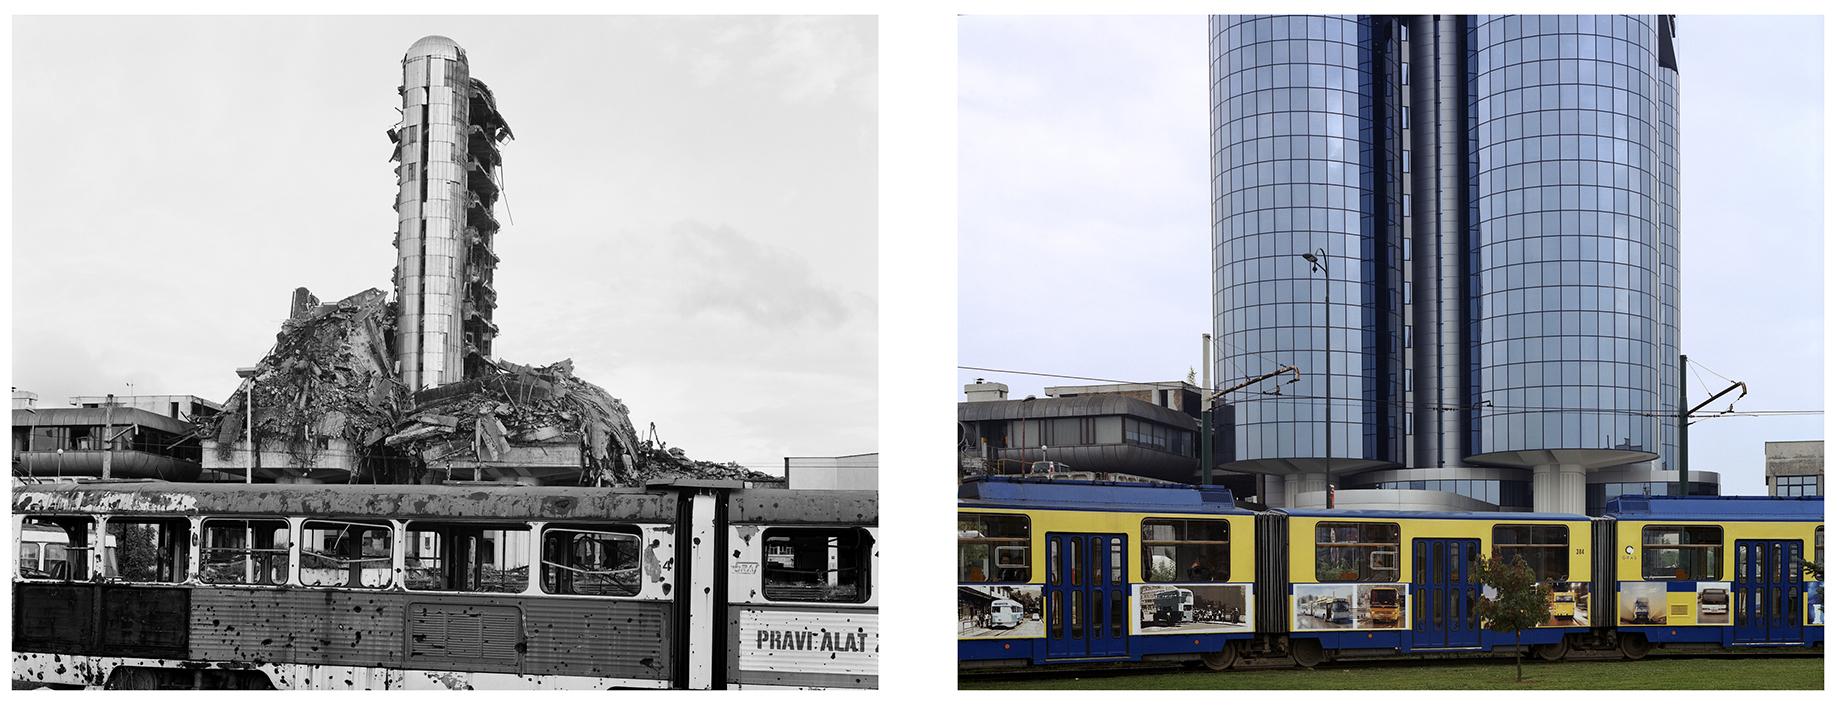 Oslobodjene in Sarajevo, 1996 & 2005.